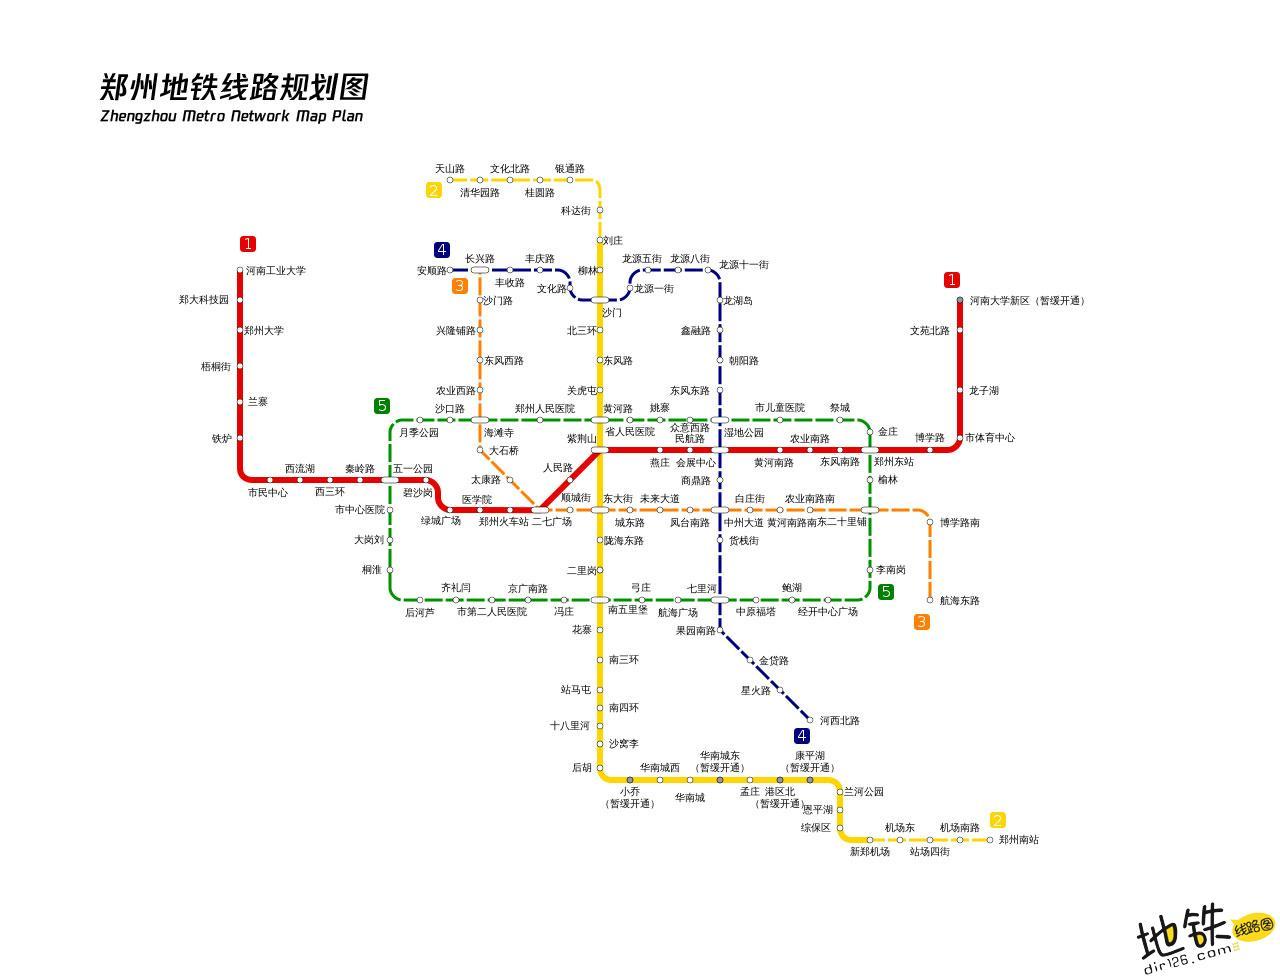 郑州地铁线路图 运营时间票价站点 查询下载 郑州地铁线路图 郑州地铁票价 郑州地铁运营时间 郑州地铁 郑州地铁线路图  第2张